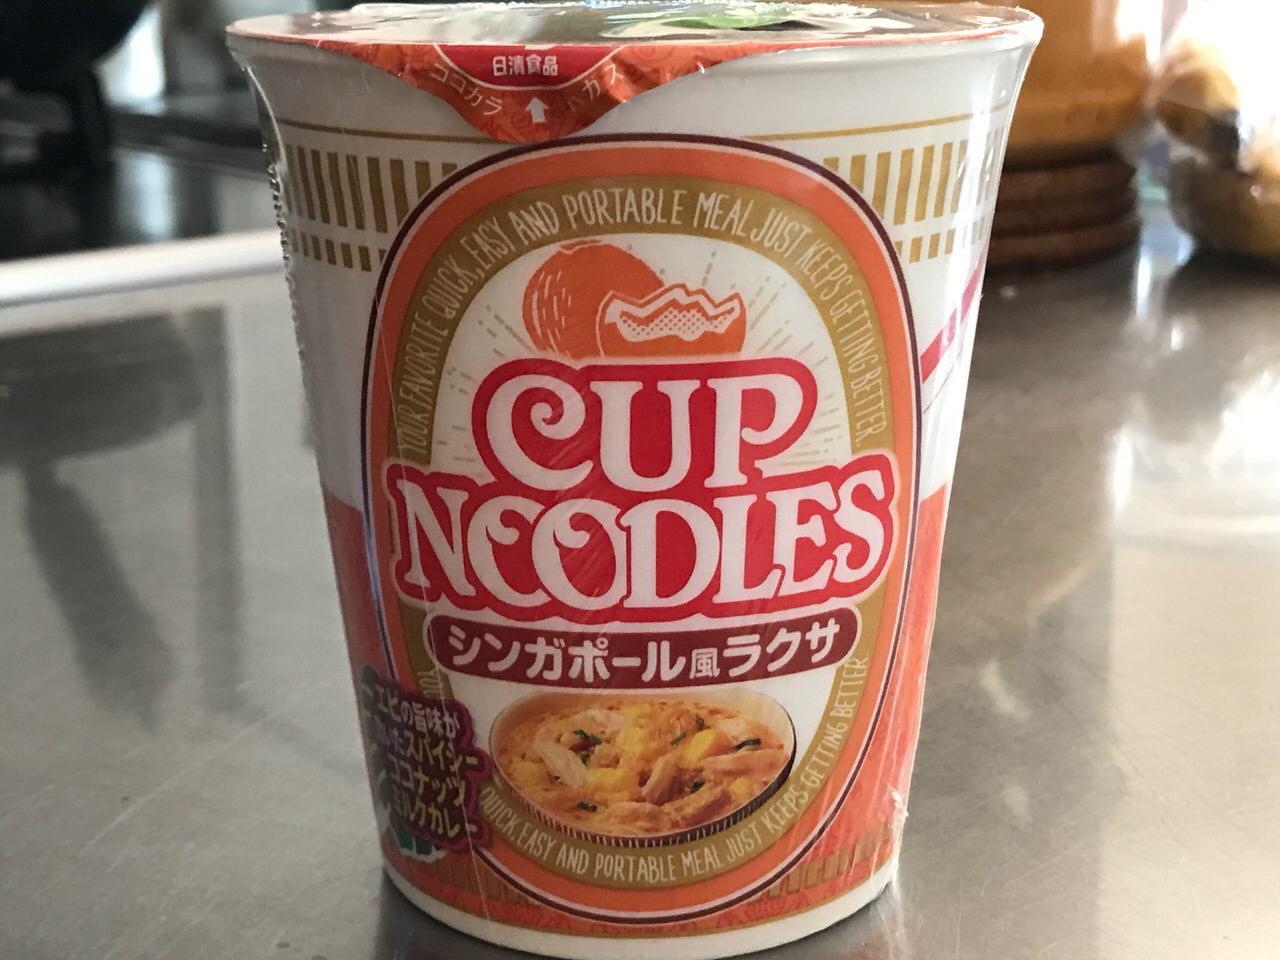 カップヌードル「シンガポール風ラクサ」エビの旨味が効いたココナッツミルクカレー味